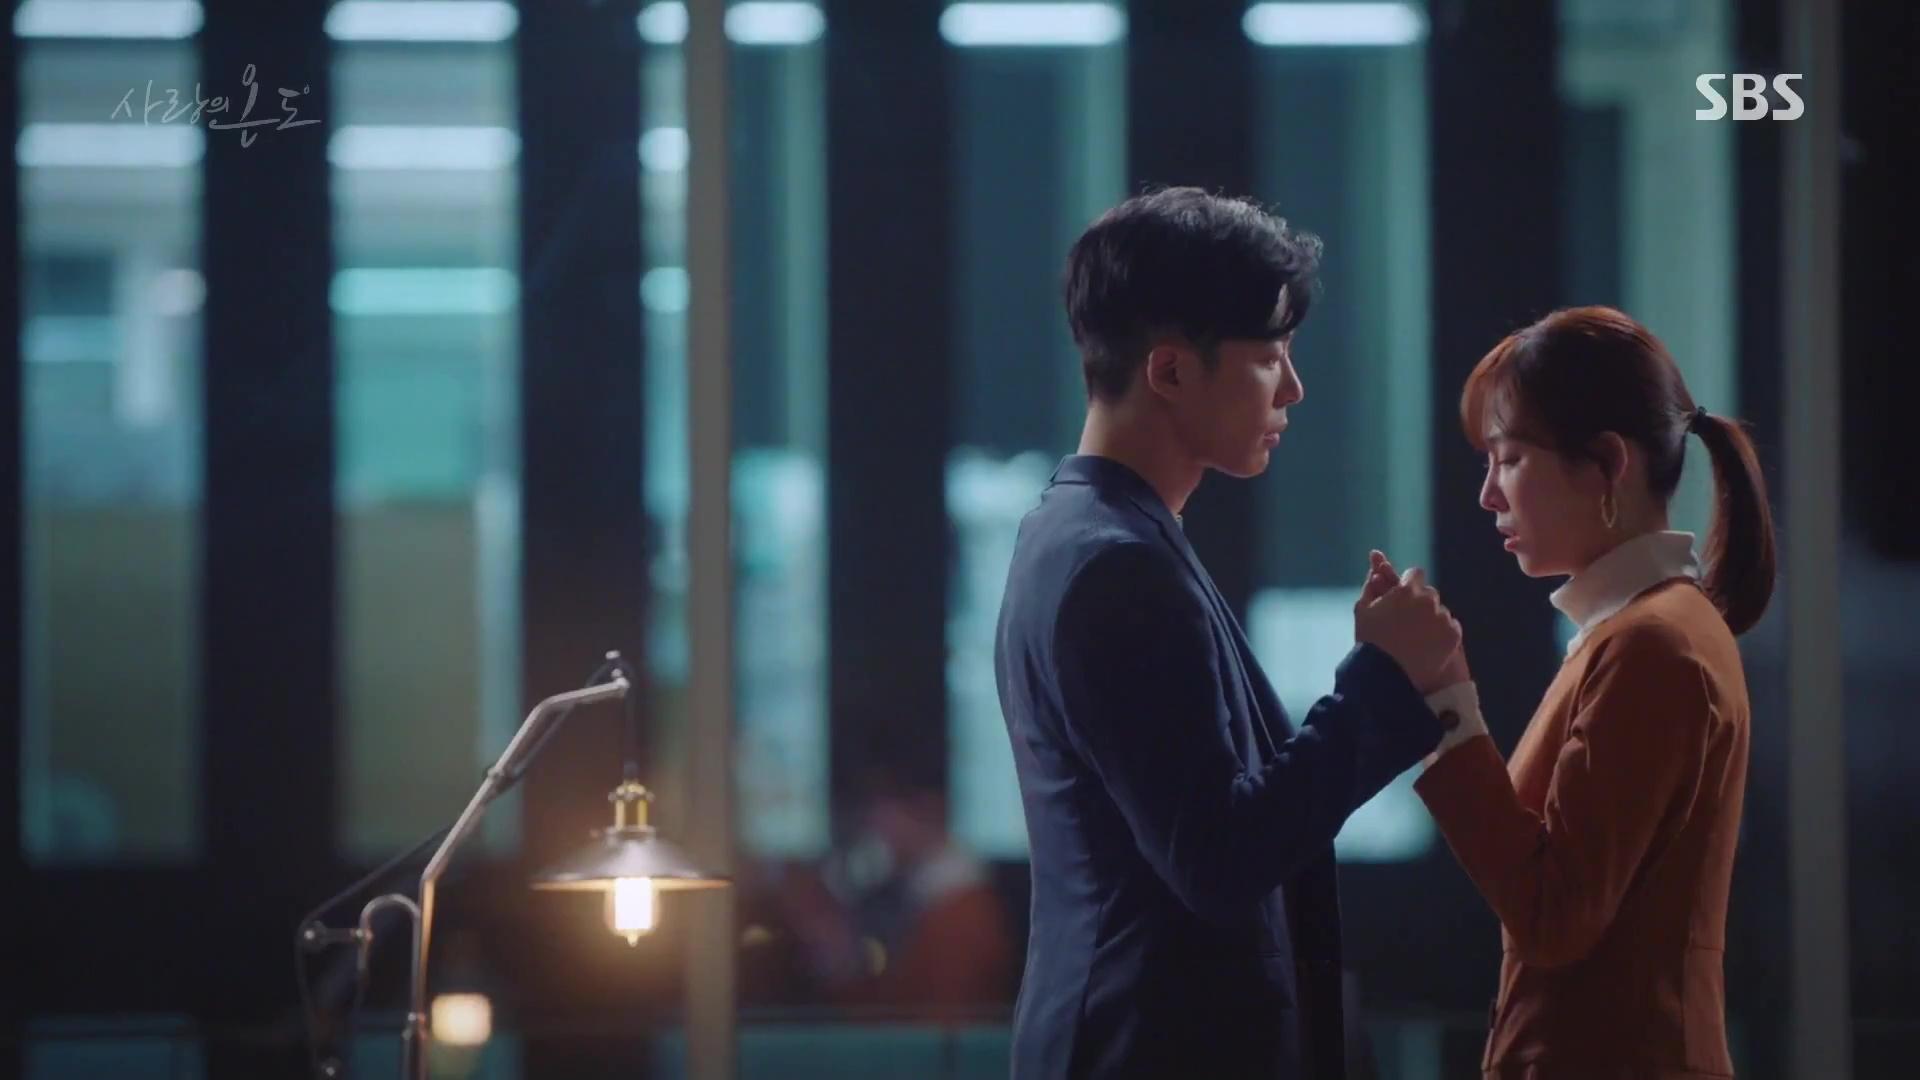 Bị nam chính bơ đẹp, yêu nữ số 1 Hàn Quốc nuốt không nổi cơm, quyết phục thù - Ảnh 26.